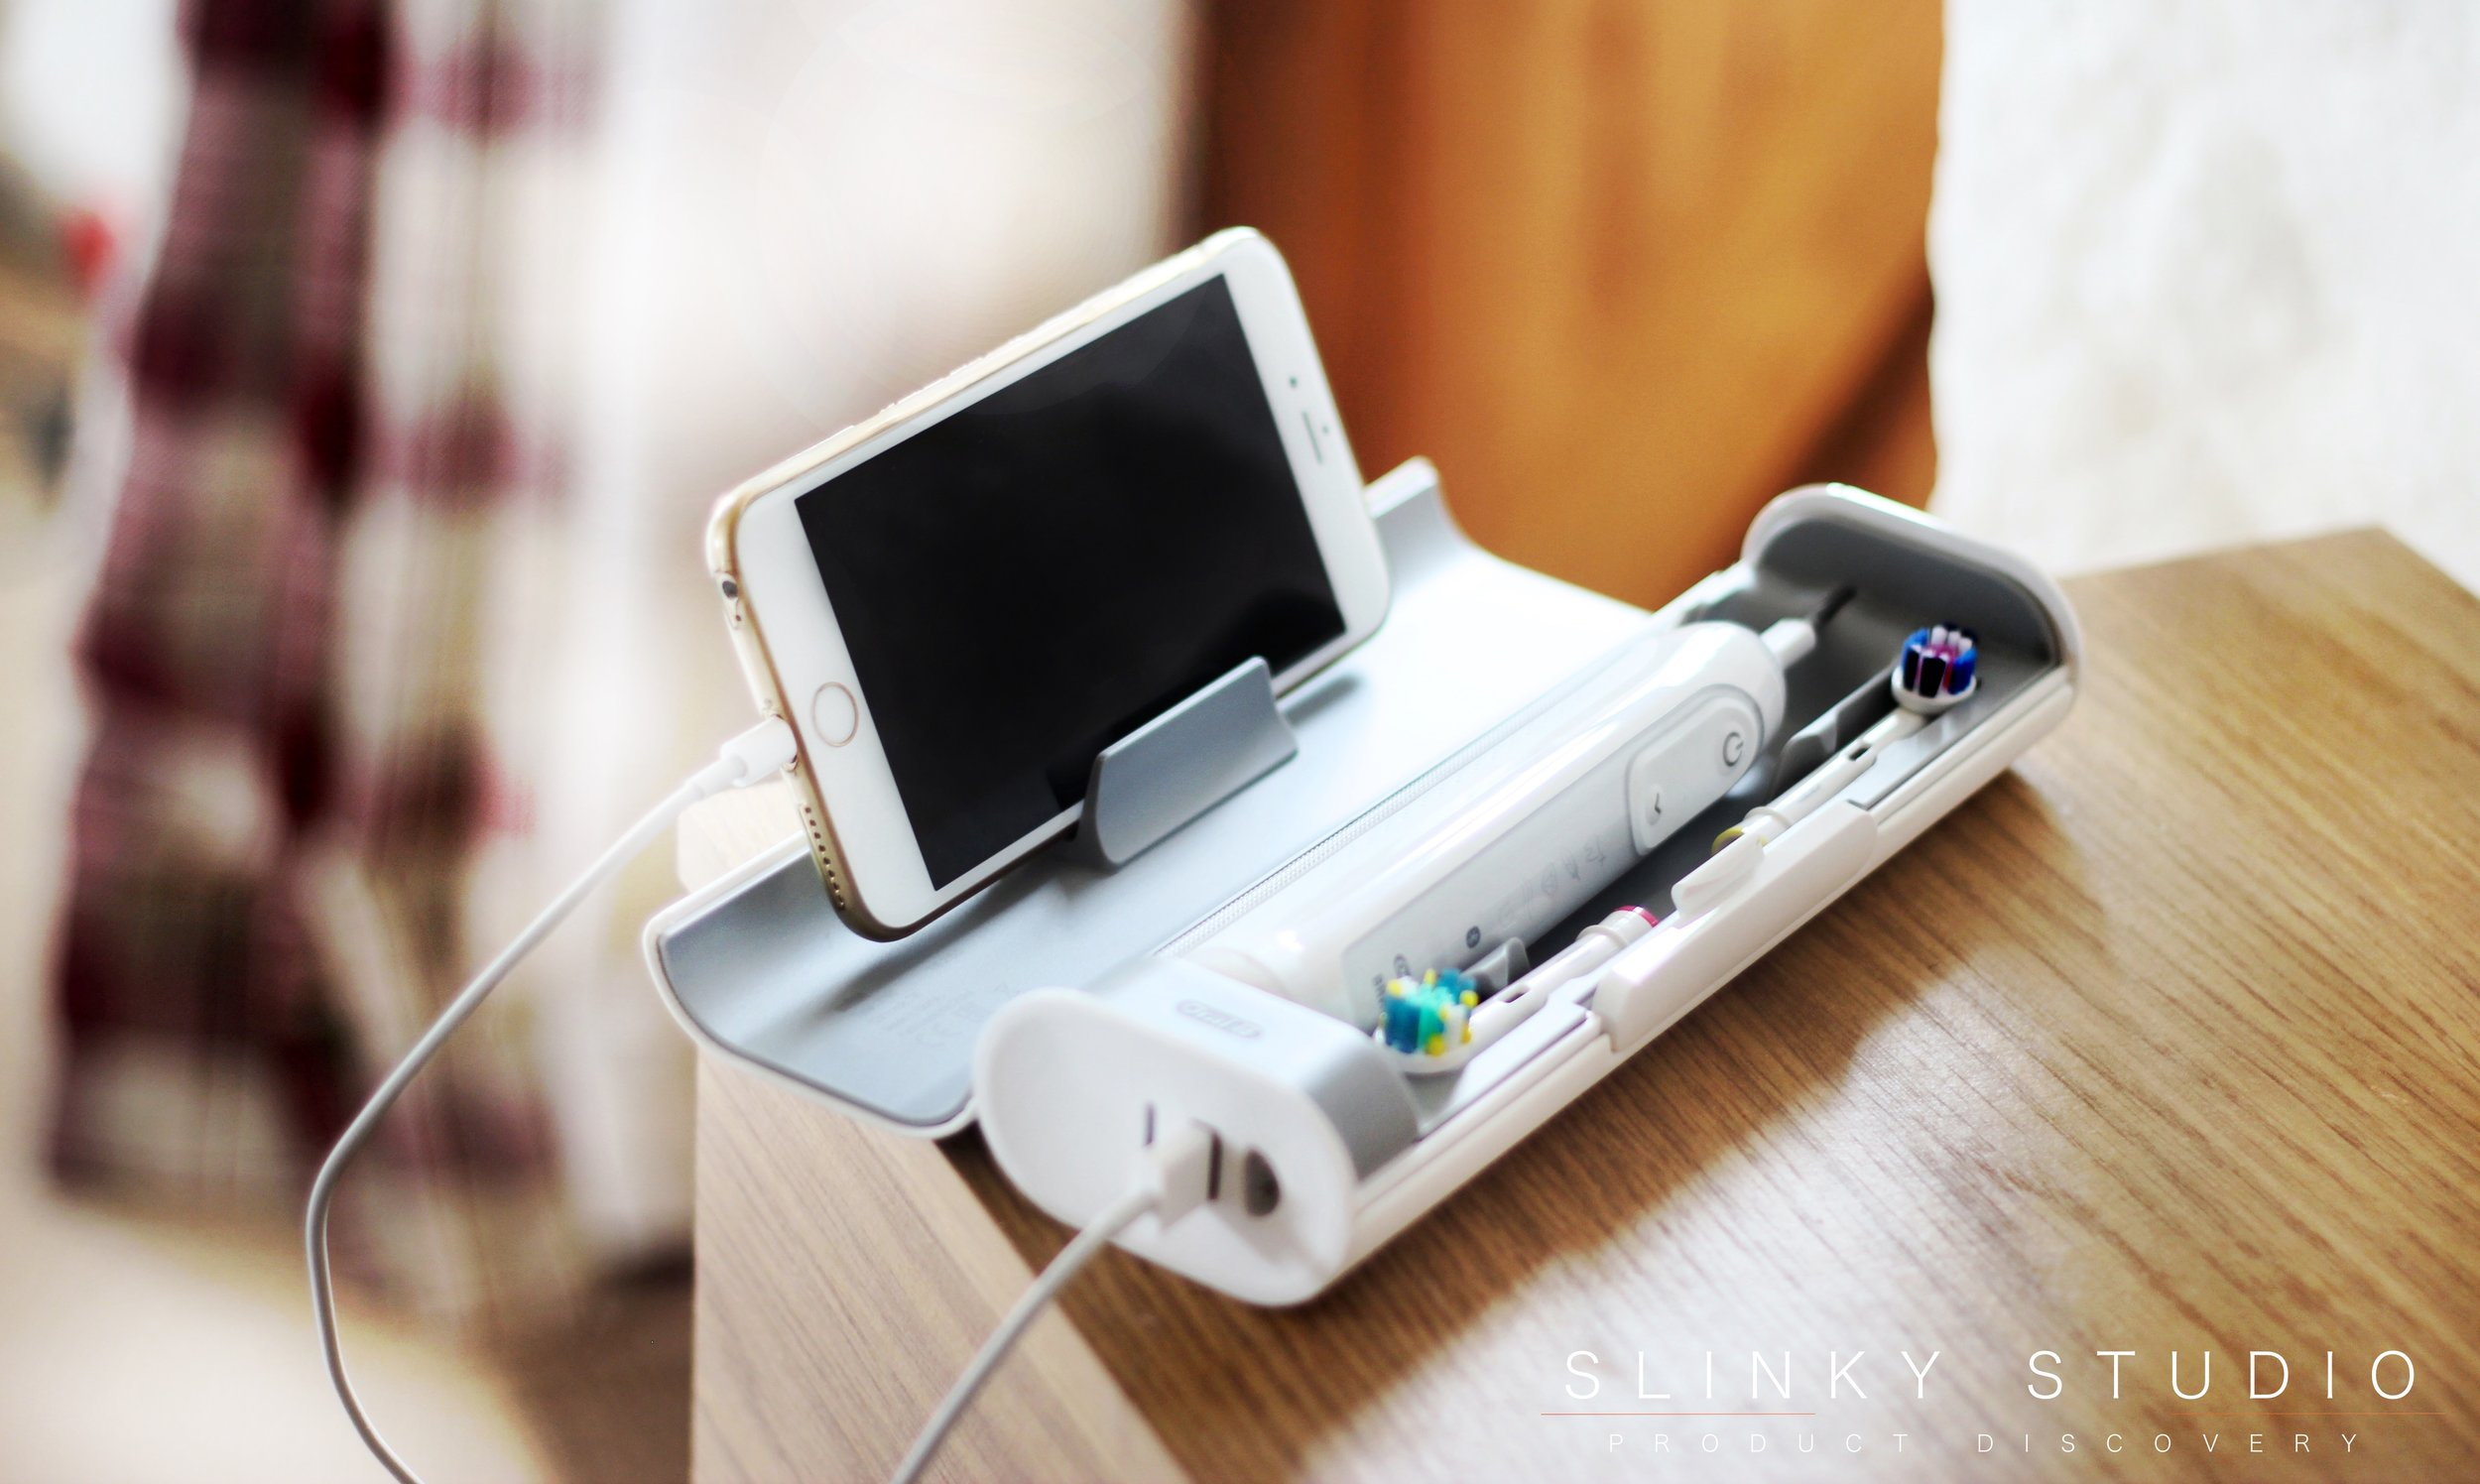 Oral-B GENIUS 9000 Toothbrush Smart Case Charging iPhone 7 Plus.jpg